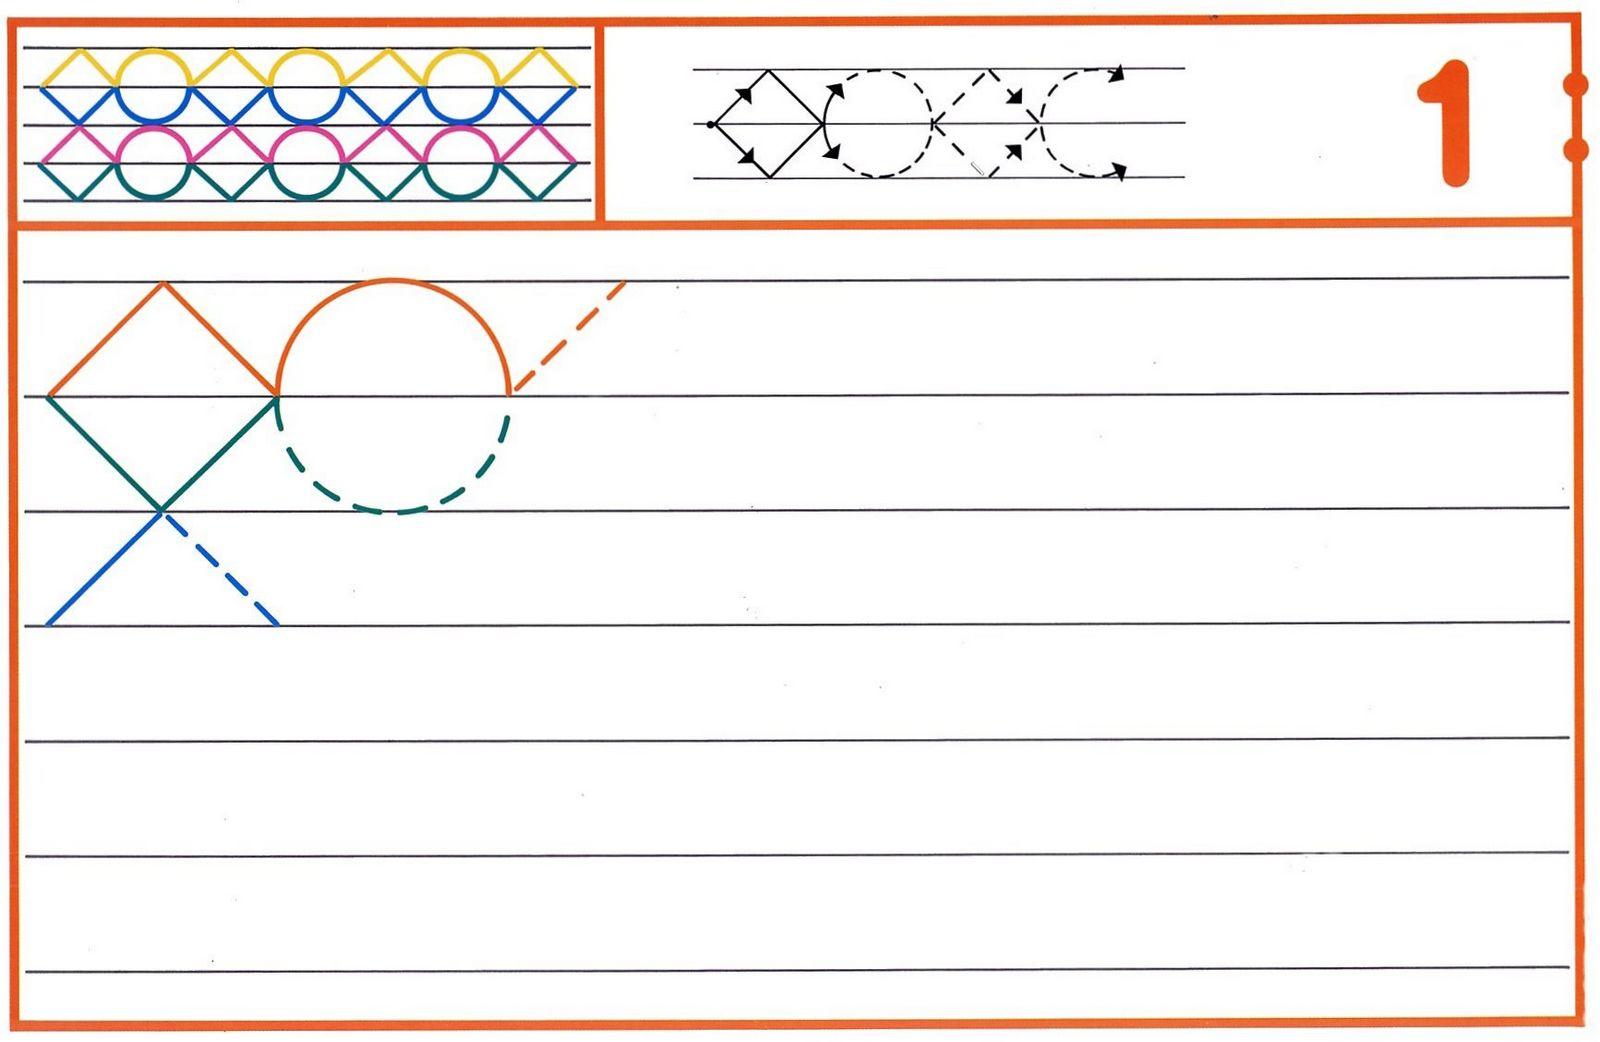 http://www.escuelaenlanube.com/ejercicios-de-grafomotricidad/09grafo